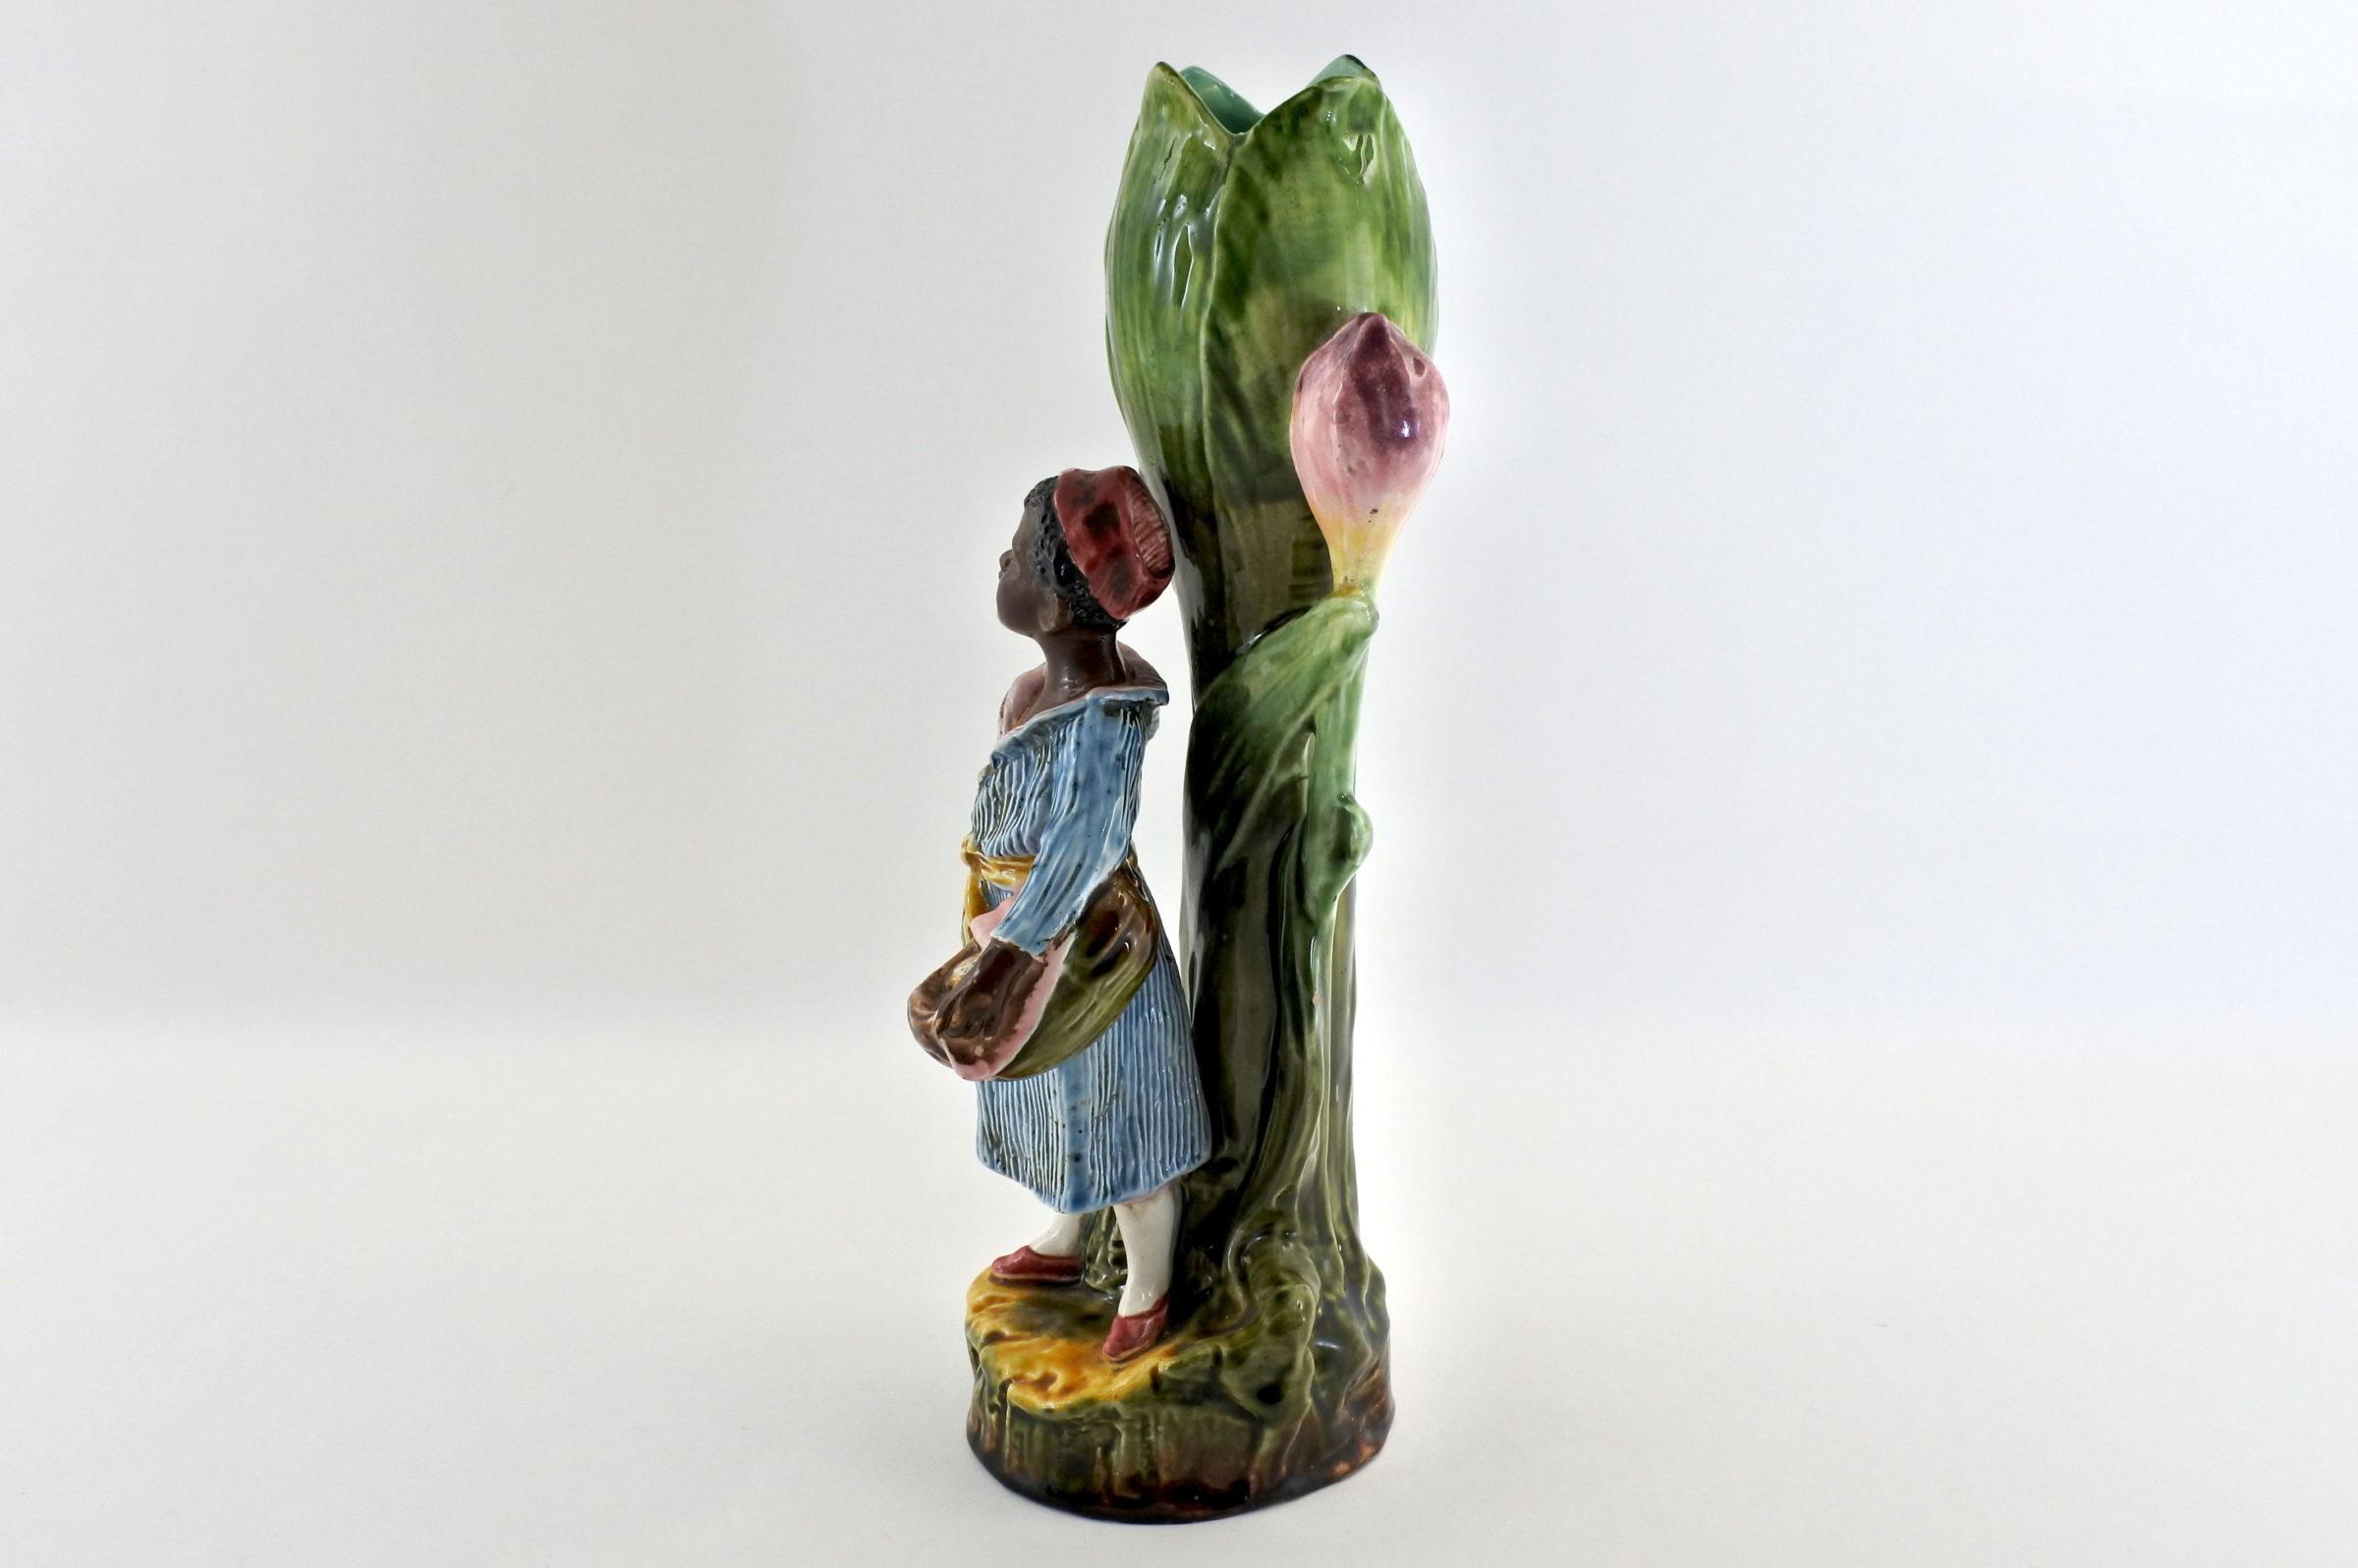 Vaso in ceramica barbotine con negretto - 2